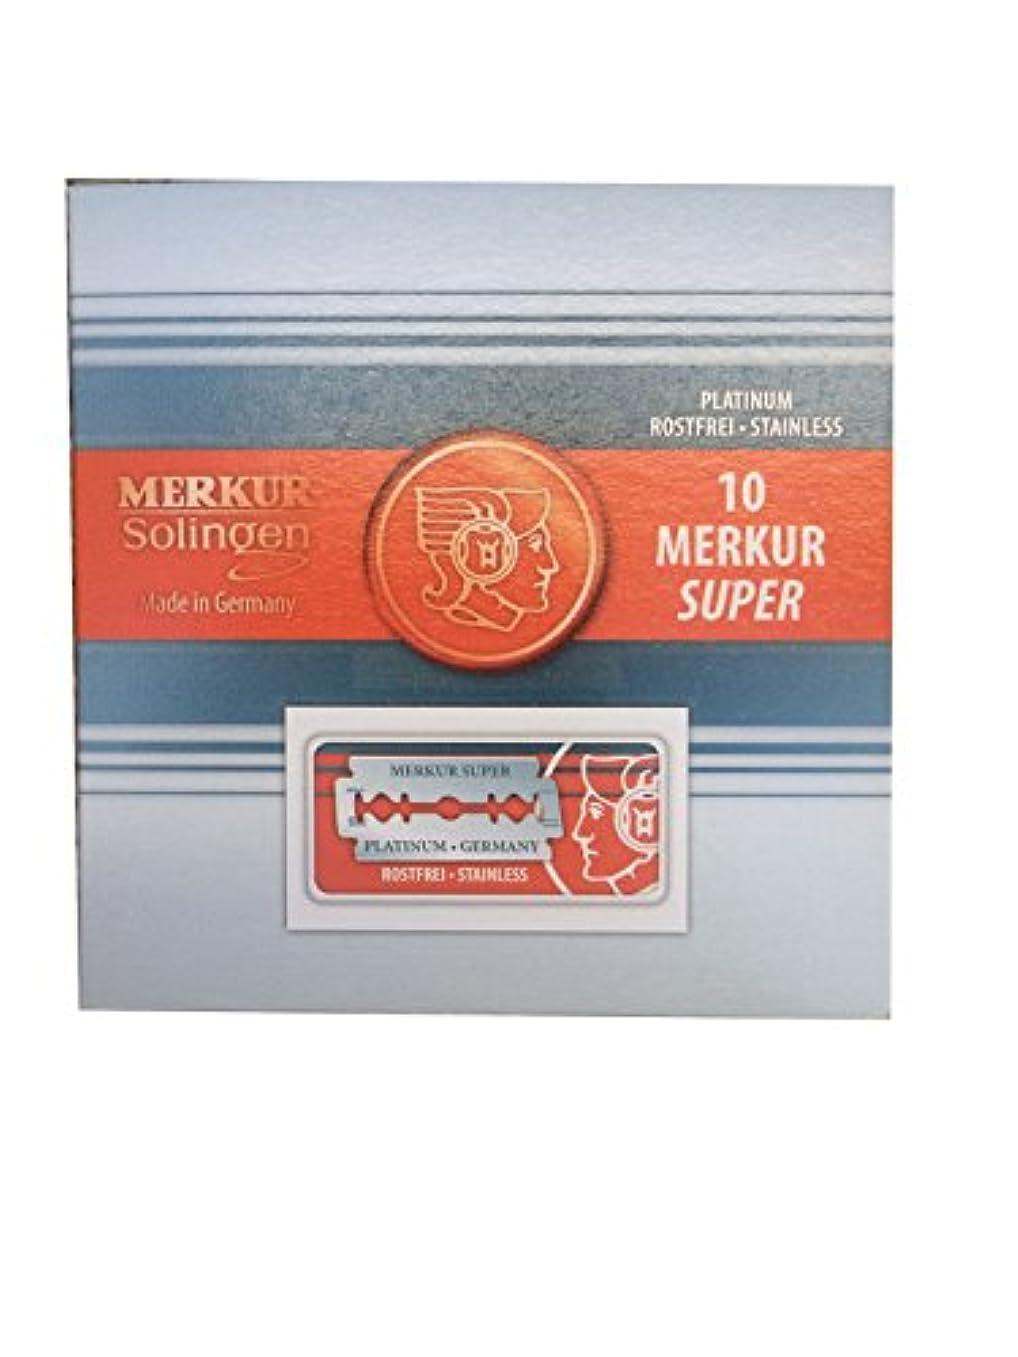 不純リマーク失望させるMerkur Super Platinum 両刃替刃 100枚入り(10枚入り10 個セット)【並行輸入品】